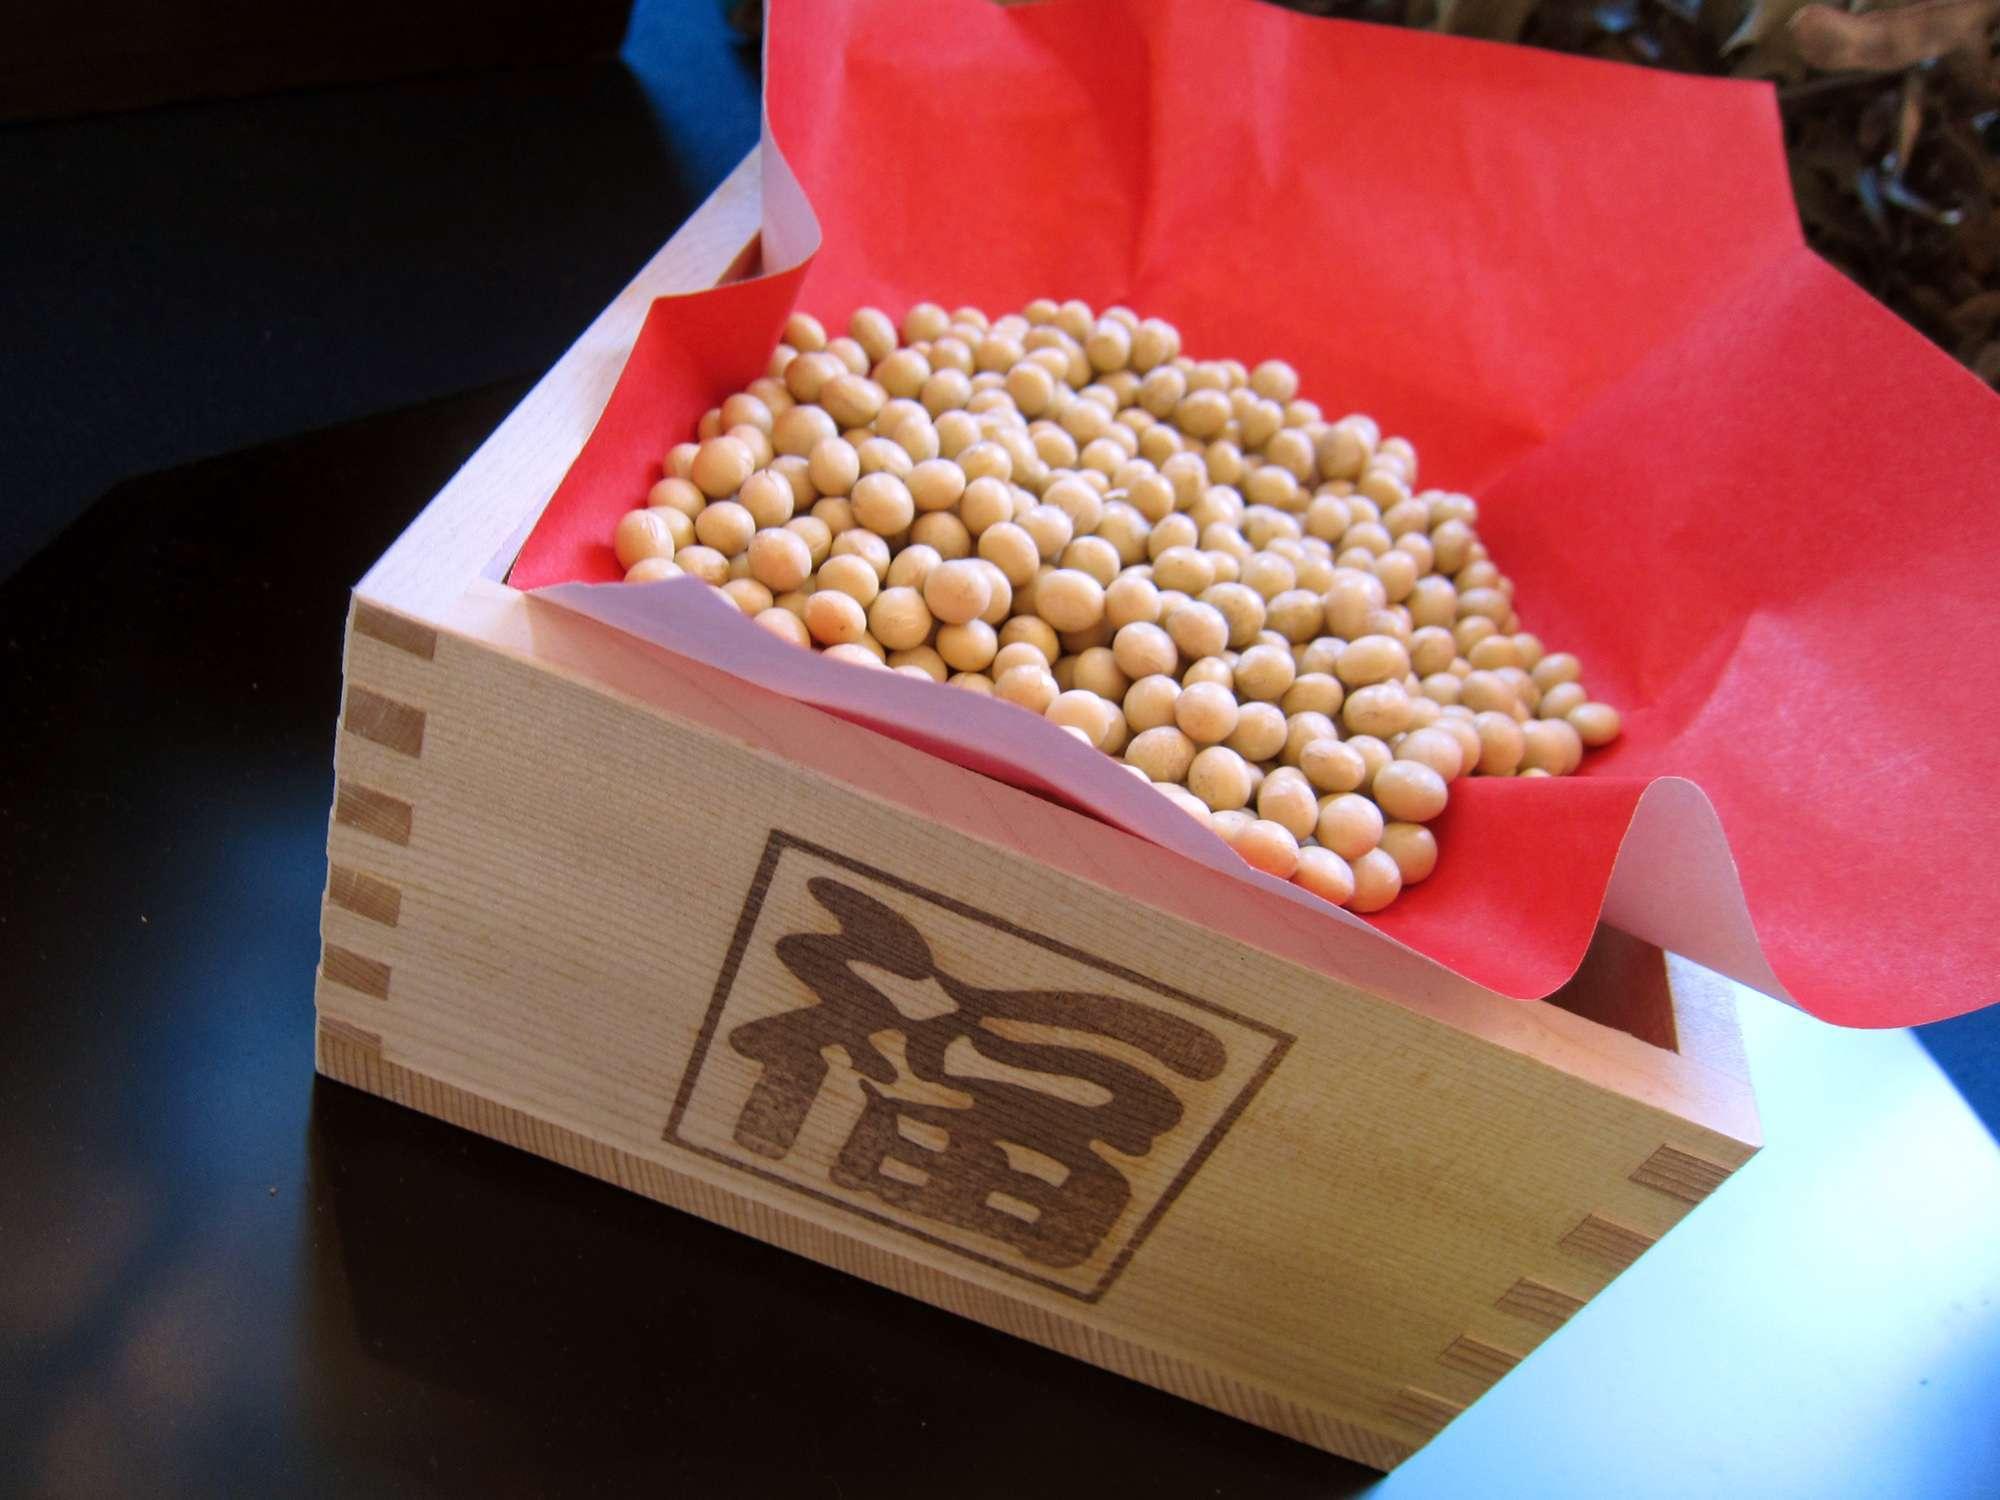 時間 まき 節分 豆 正しい豆のまき方は?節分を楽しく迎えるために知っておきたい5つのポイント|@DIME アットダイム